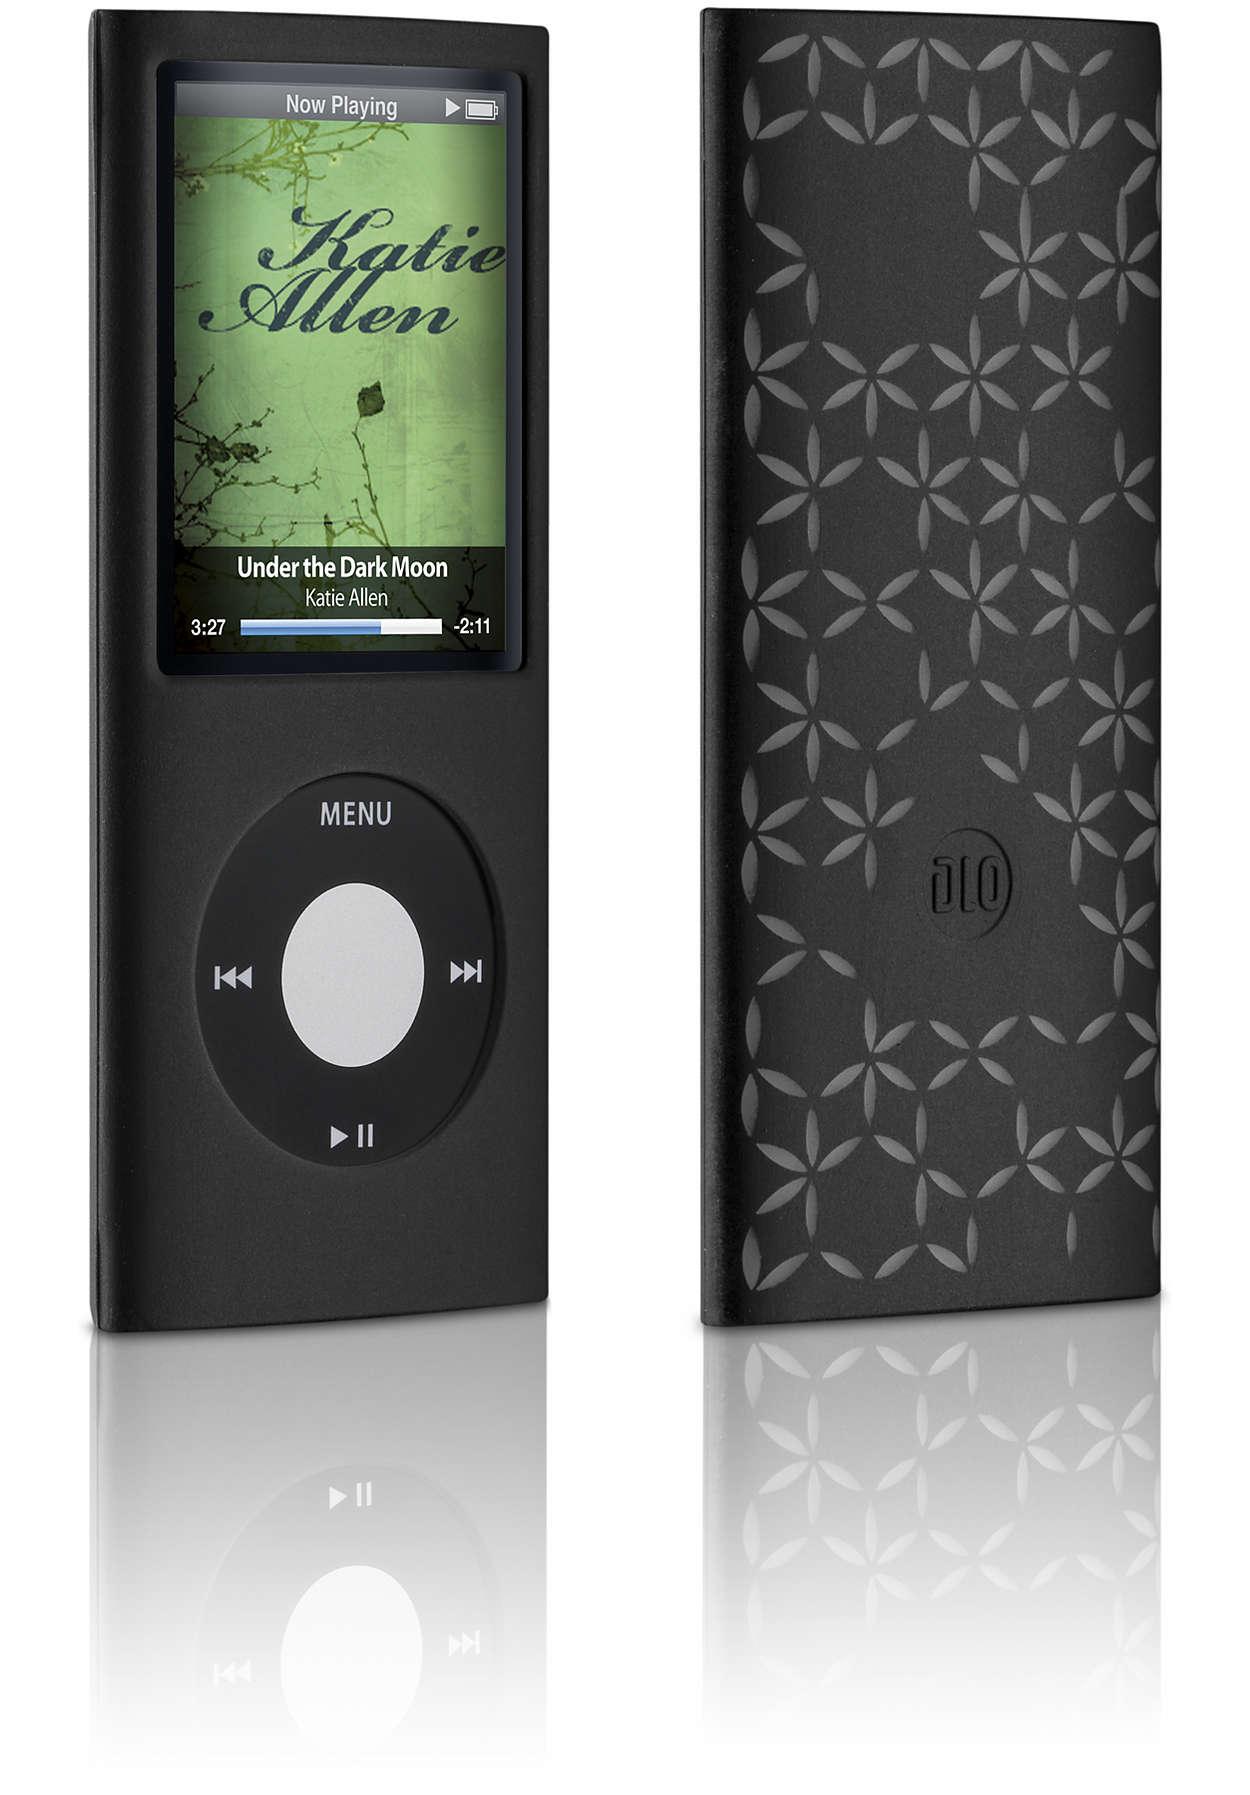 保護時尚的 iPod